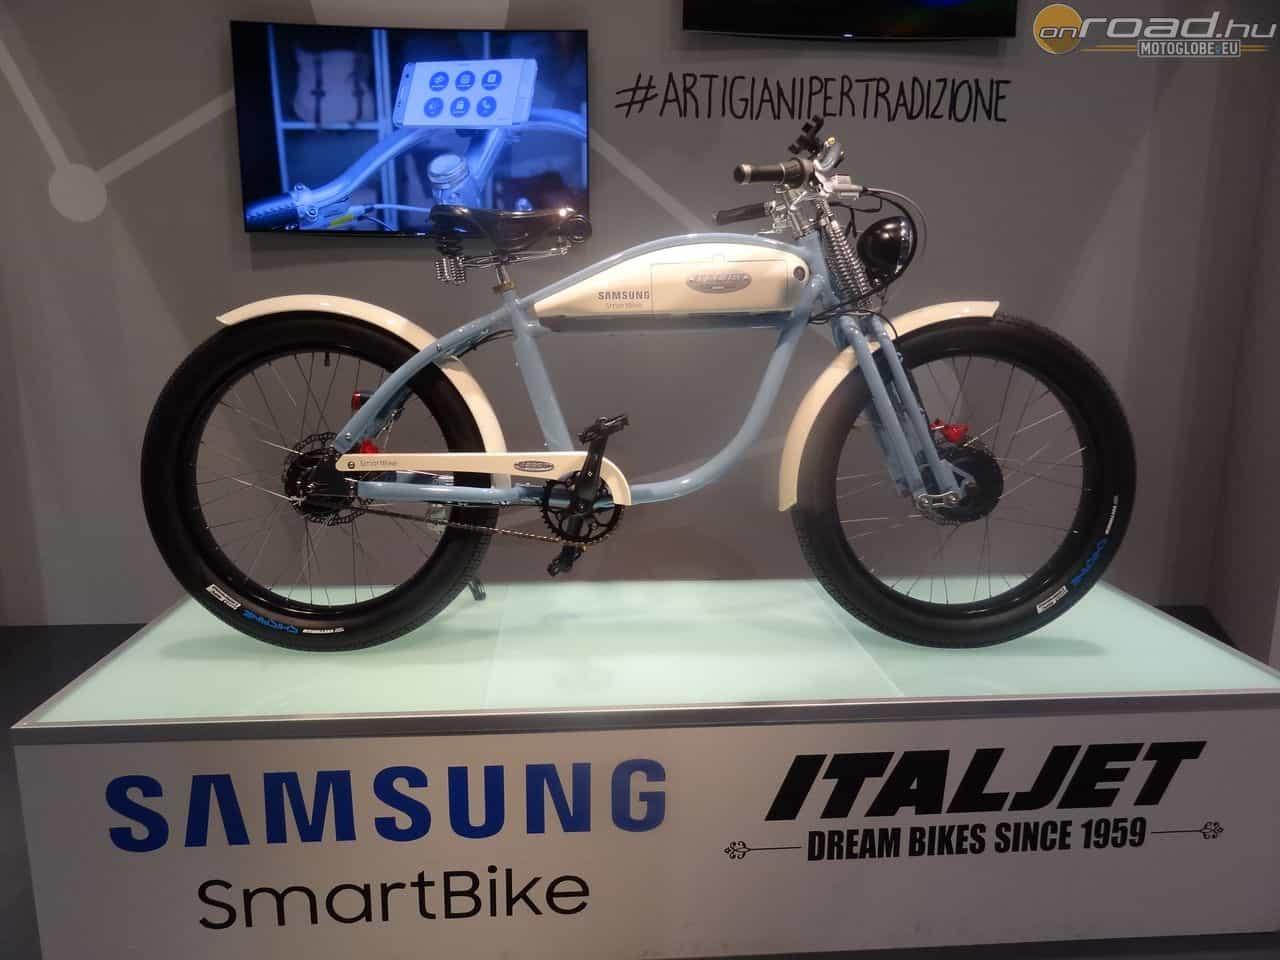 A Samsung SmartBike igazán stílusos nagyvárosi közlekedési eszköz - bicikli és motor egyszerre